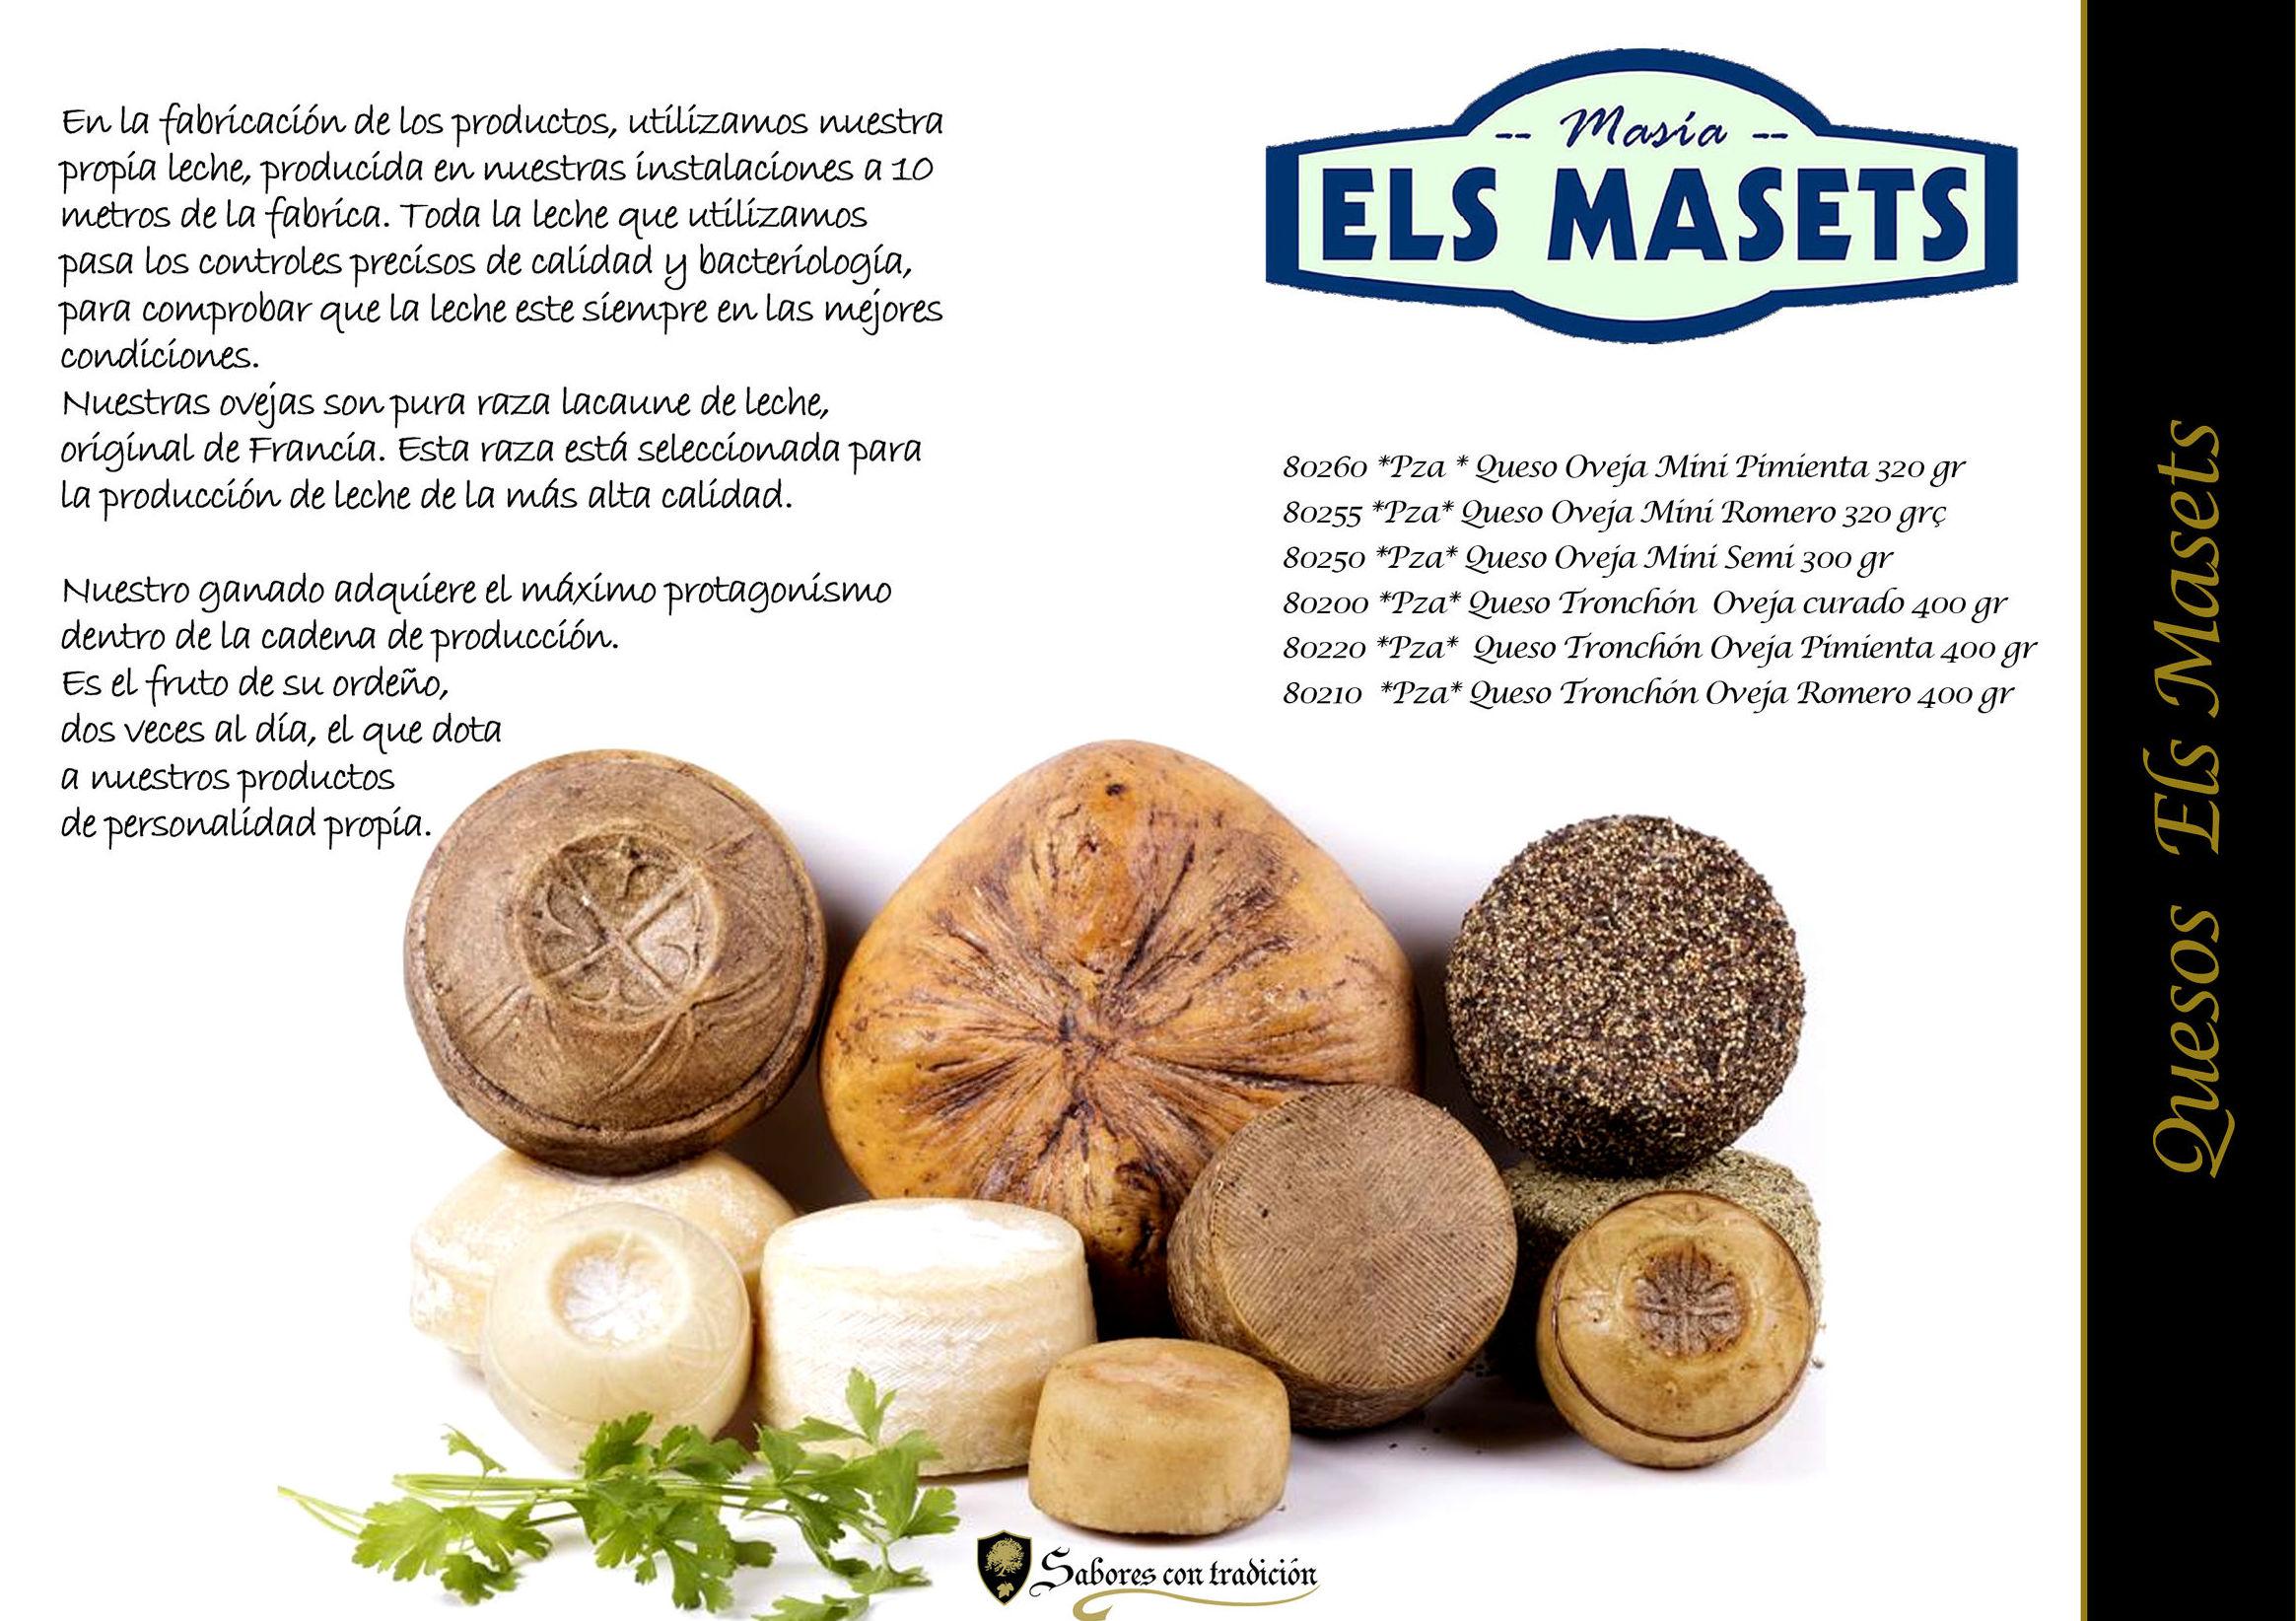 """Quesos """" Els Masets """": Productos de Sabores con tradición"""